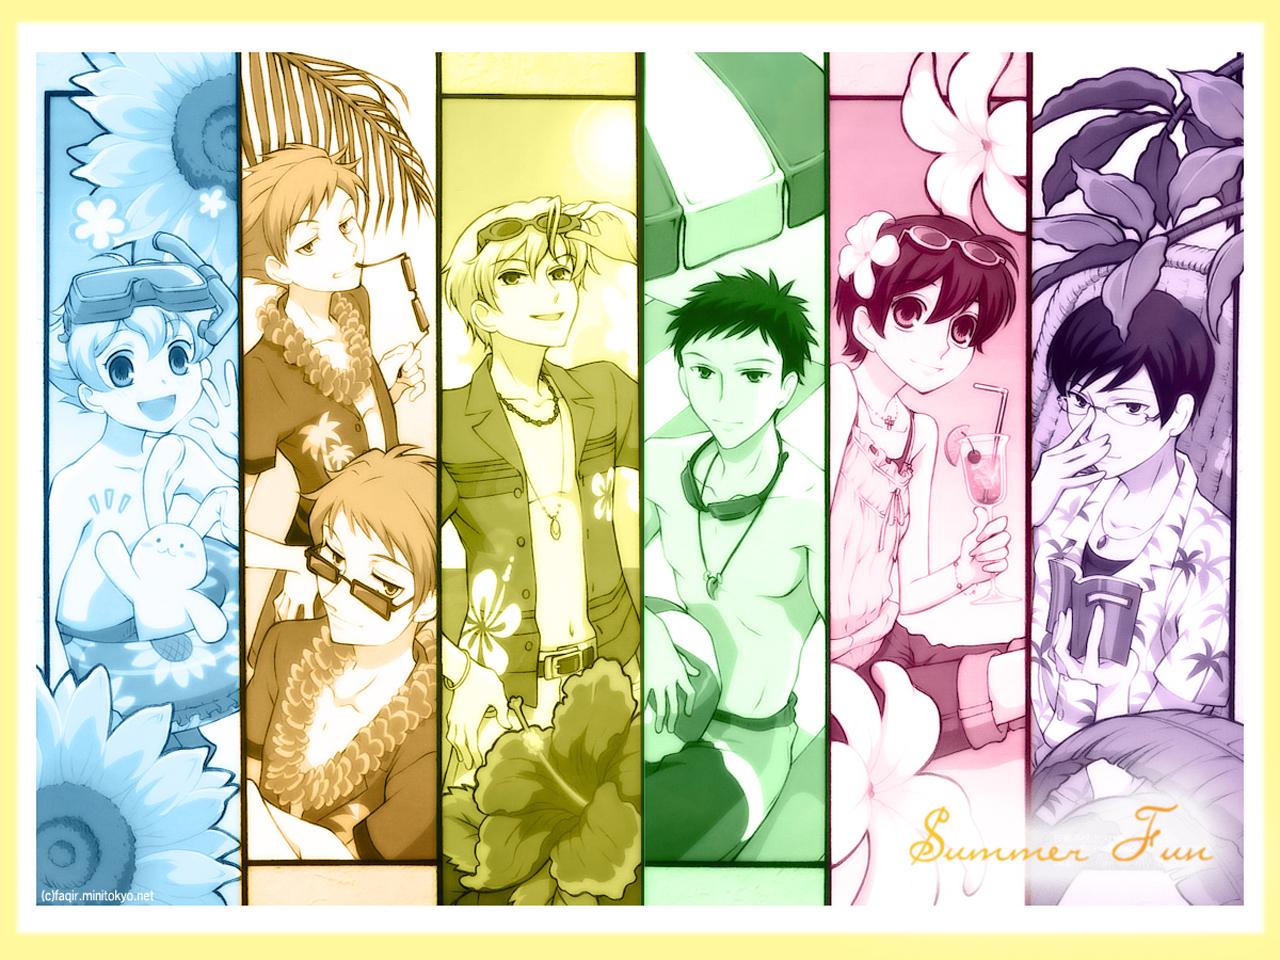 Ouran High School Host Club Wallpaper: Summer Fun - Minitokyo